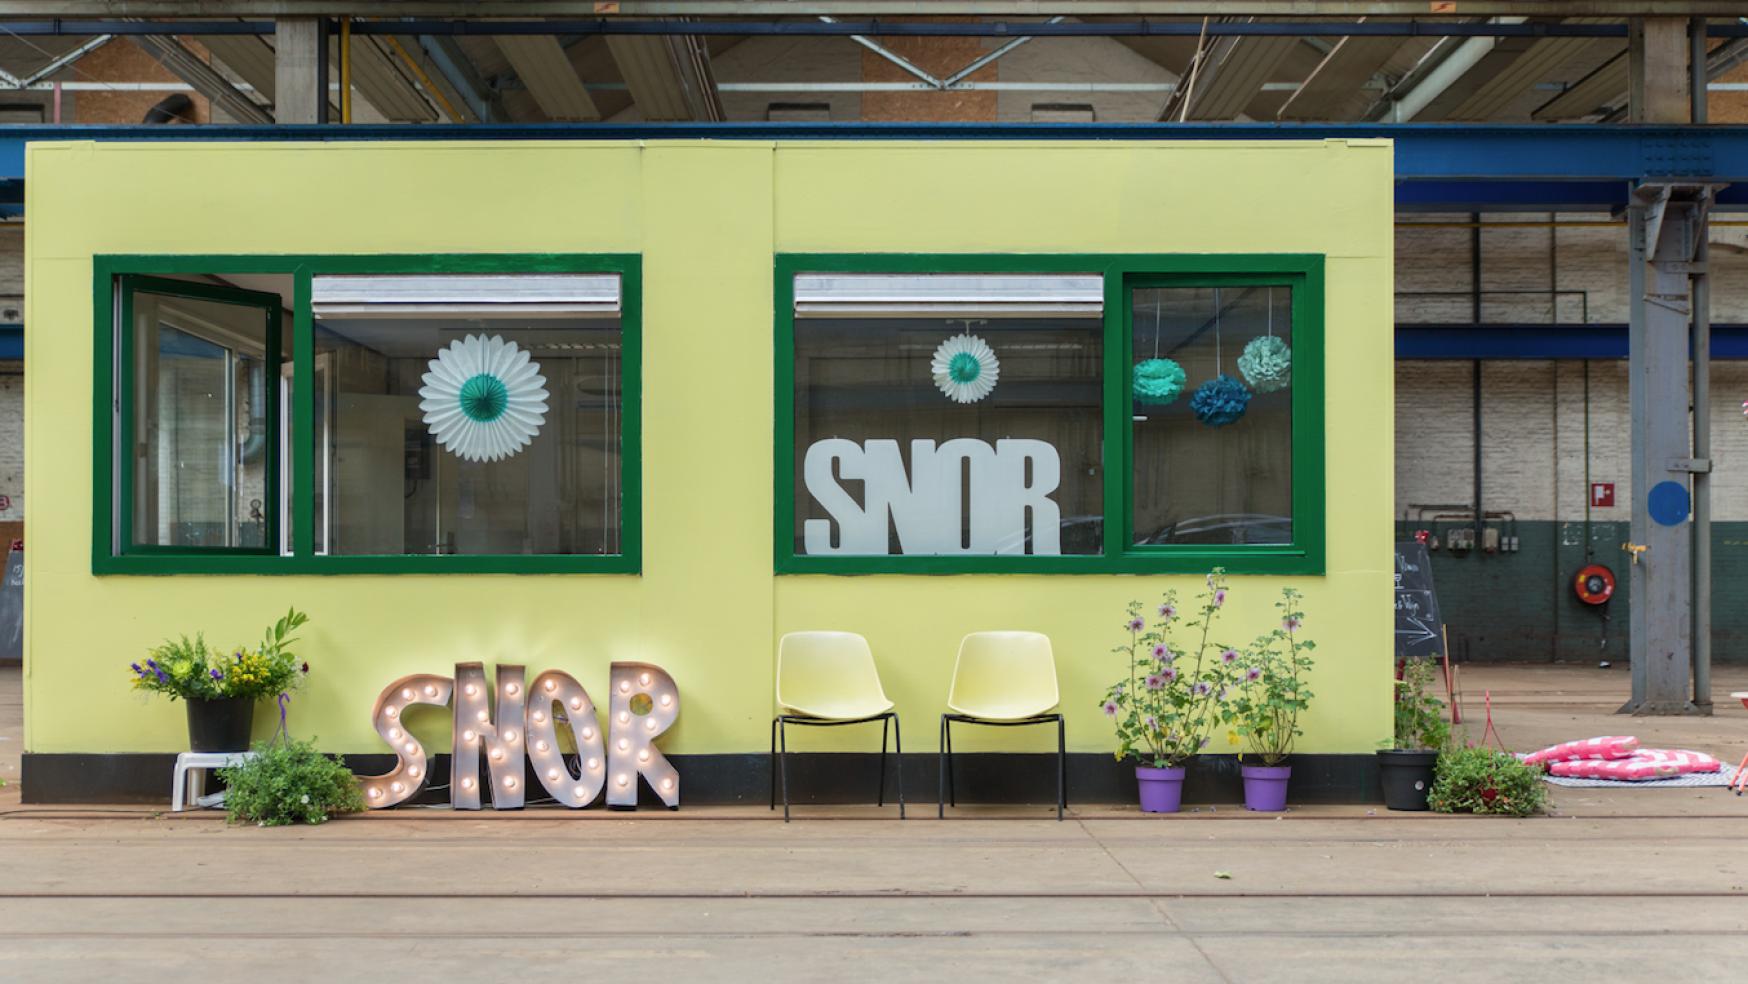 Snorfestival 2016 in Snorfabriek